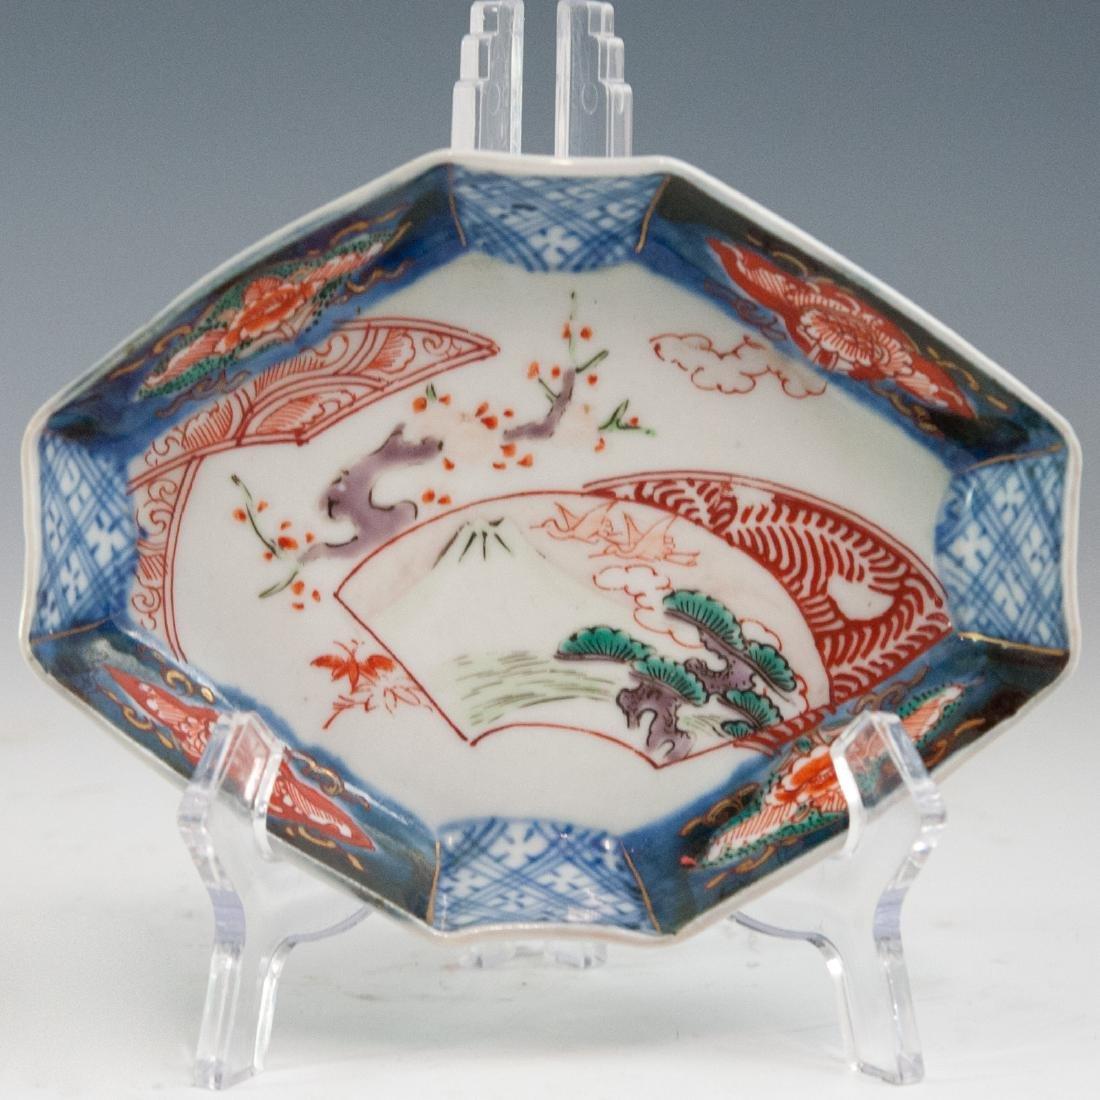 Japanese Enameled Imari Bowl